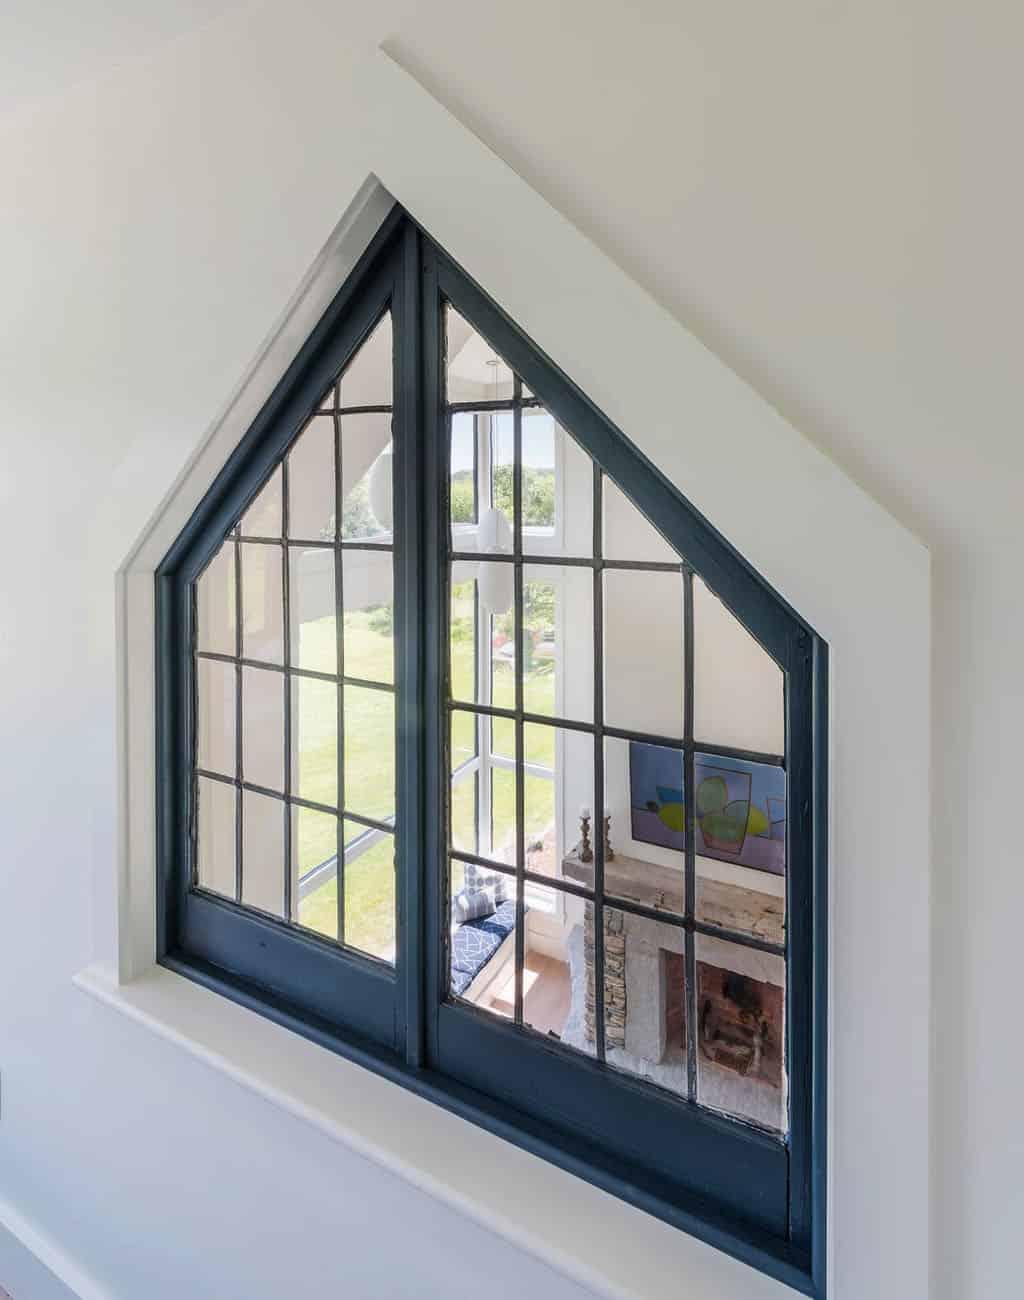 moderna-seoska kuća-obnovljena-prozor-s pogledom na-dnevnu sobu